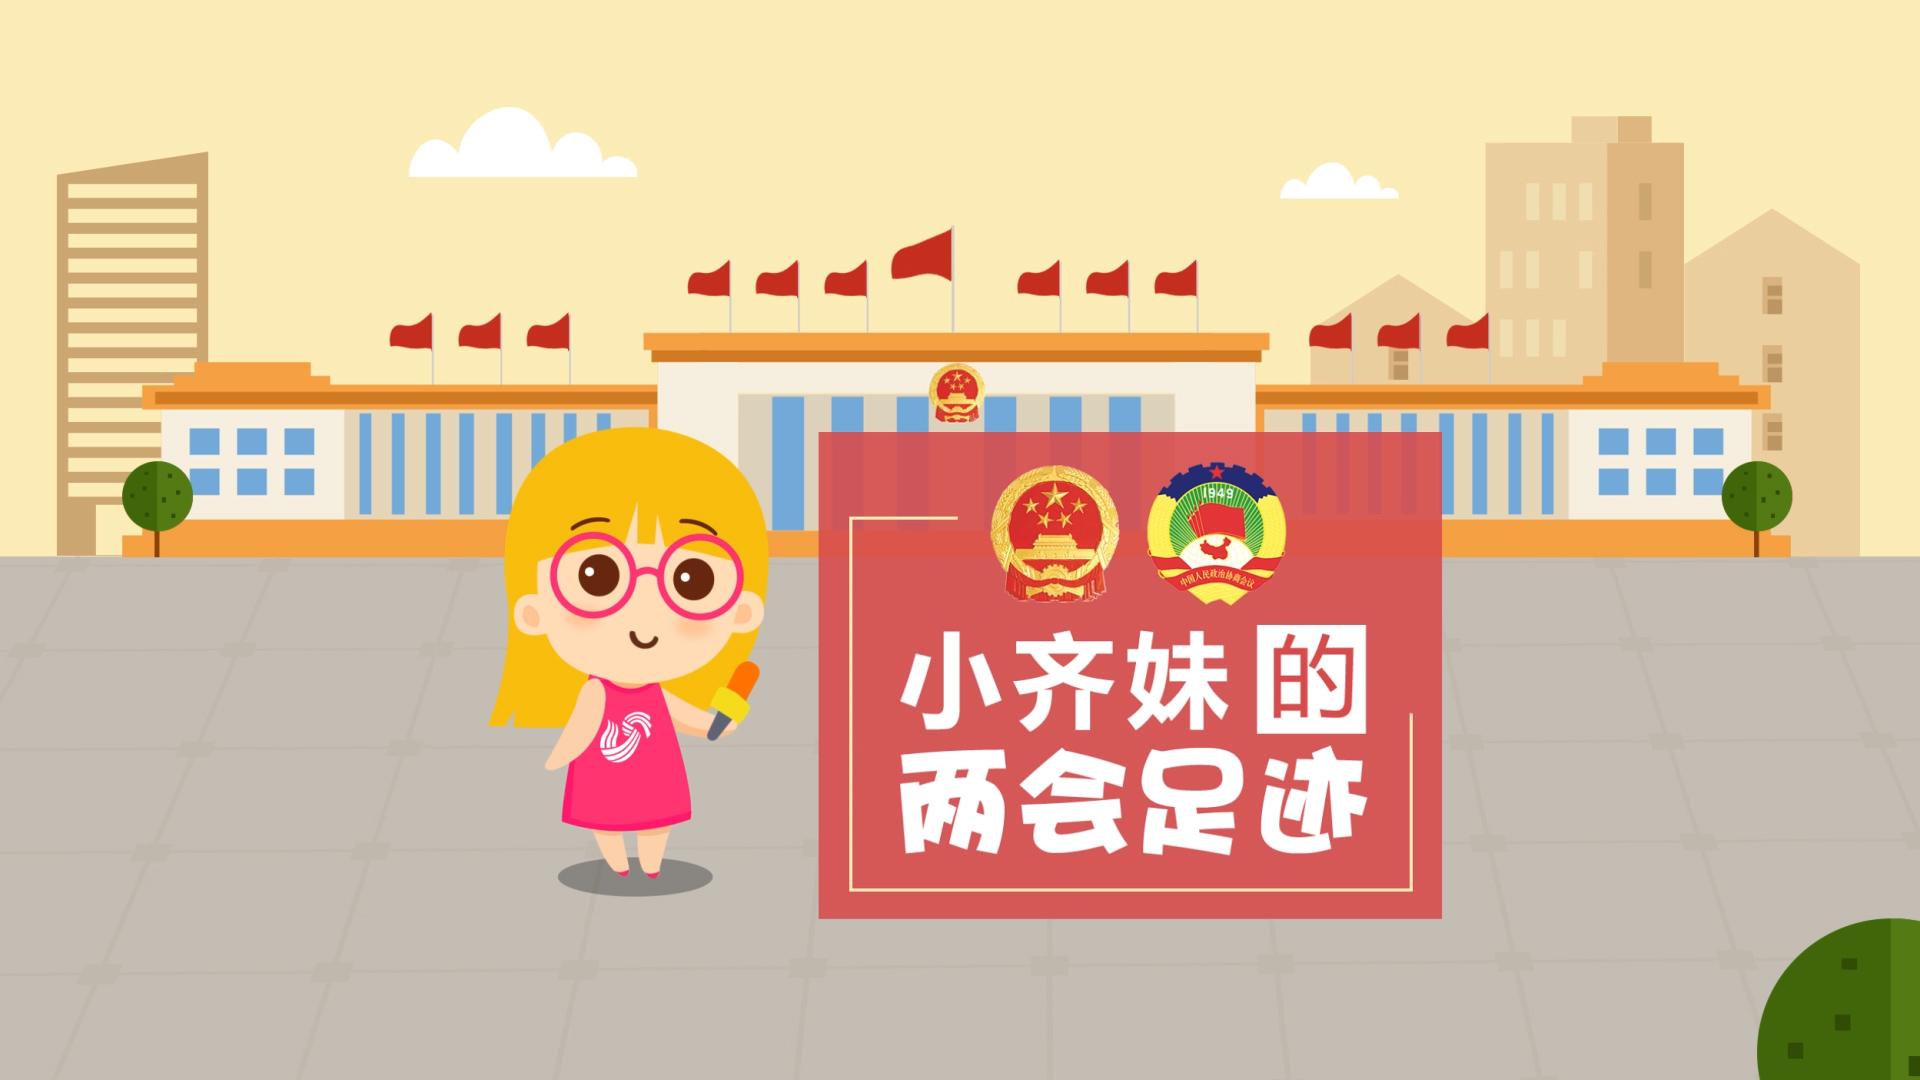 50秒动漫|小齐妹的两会足迹:住鲁全国人大代表抵京